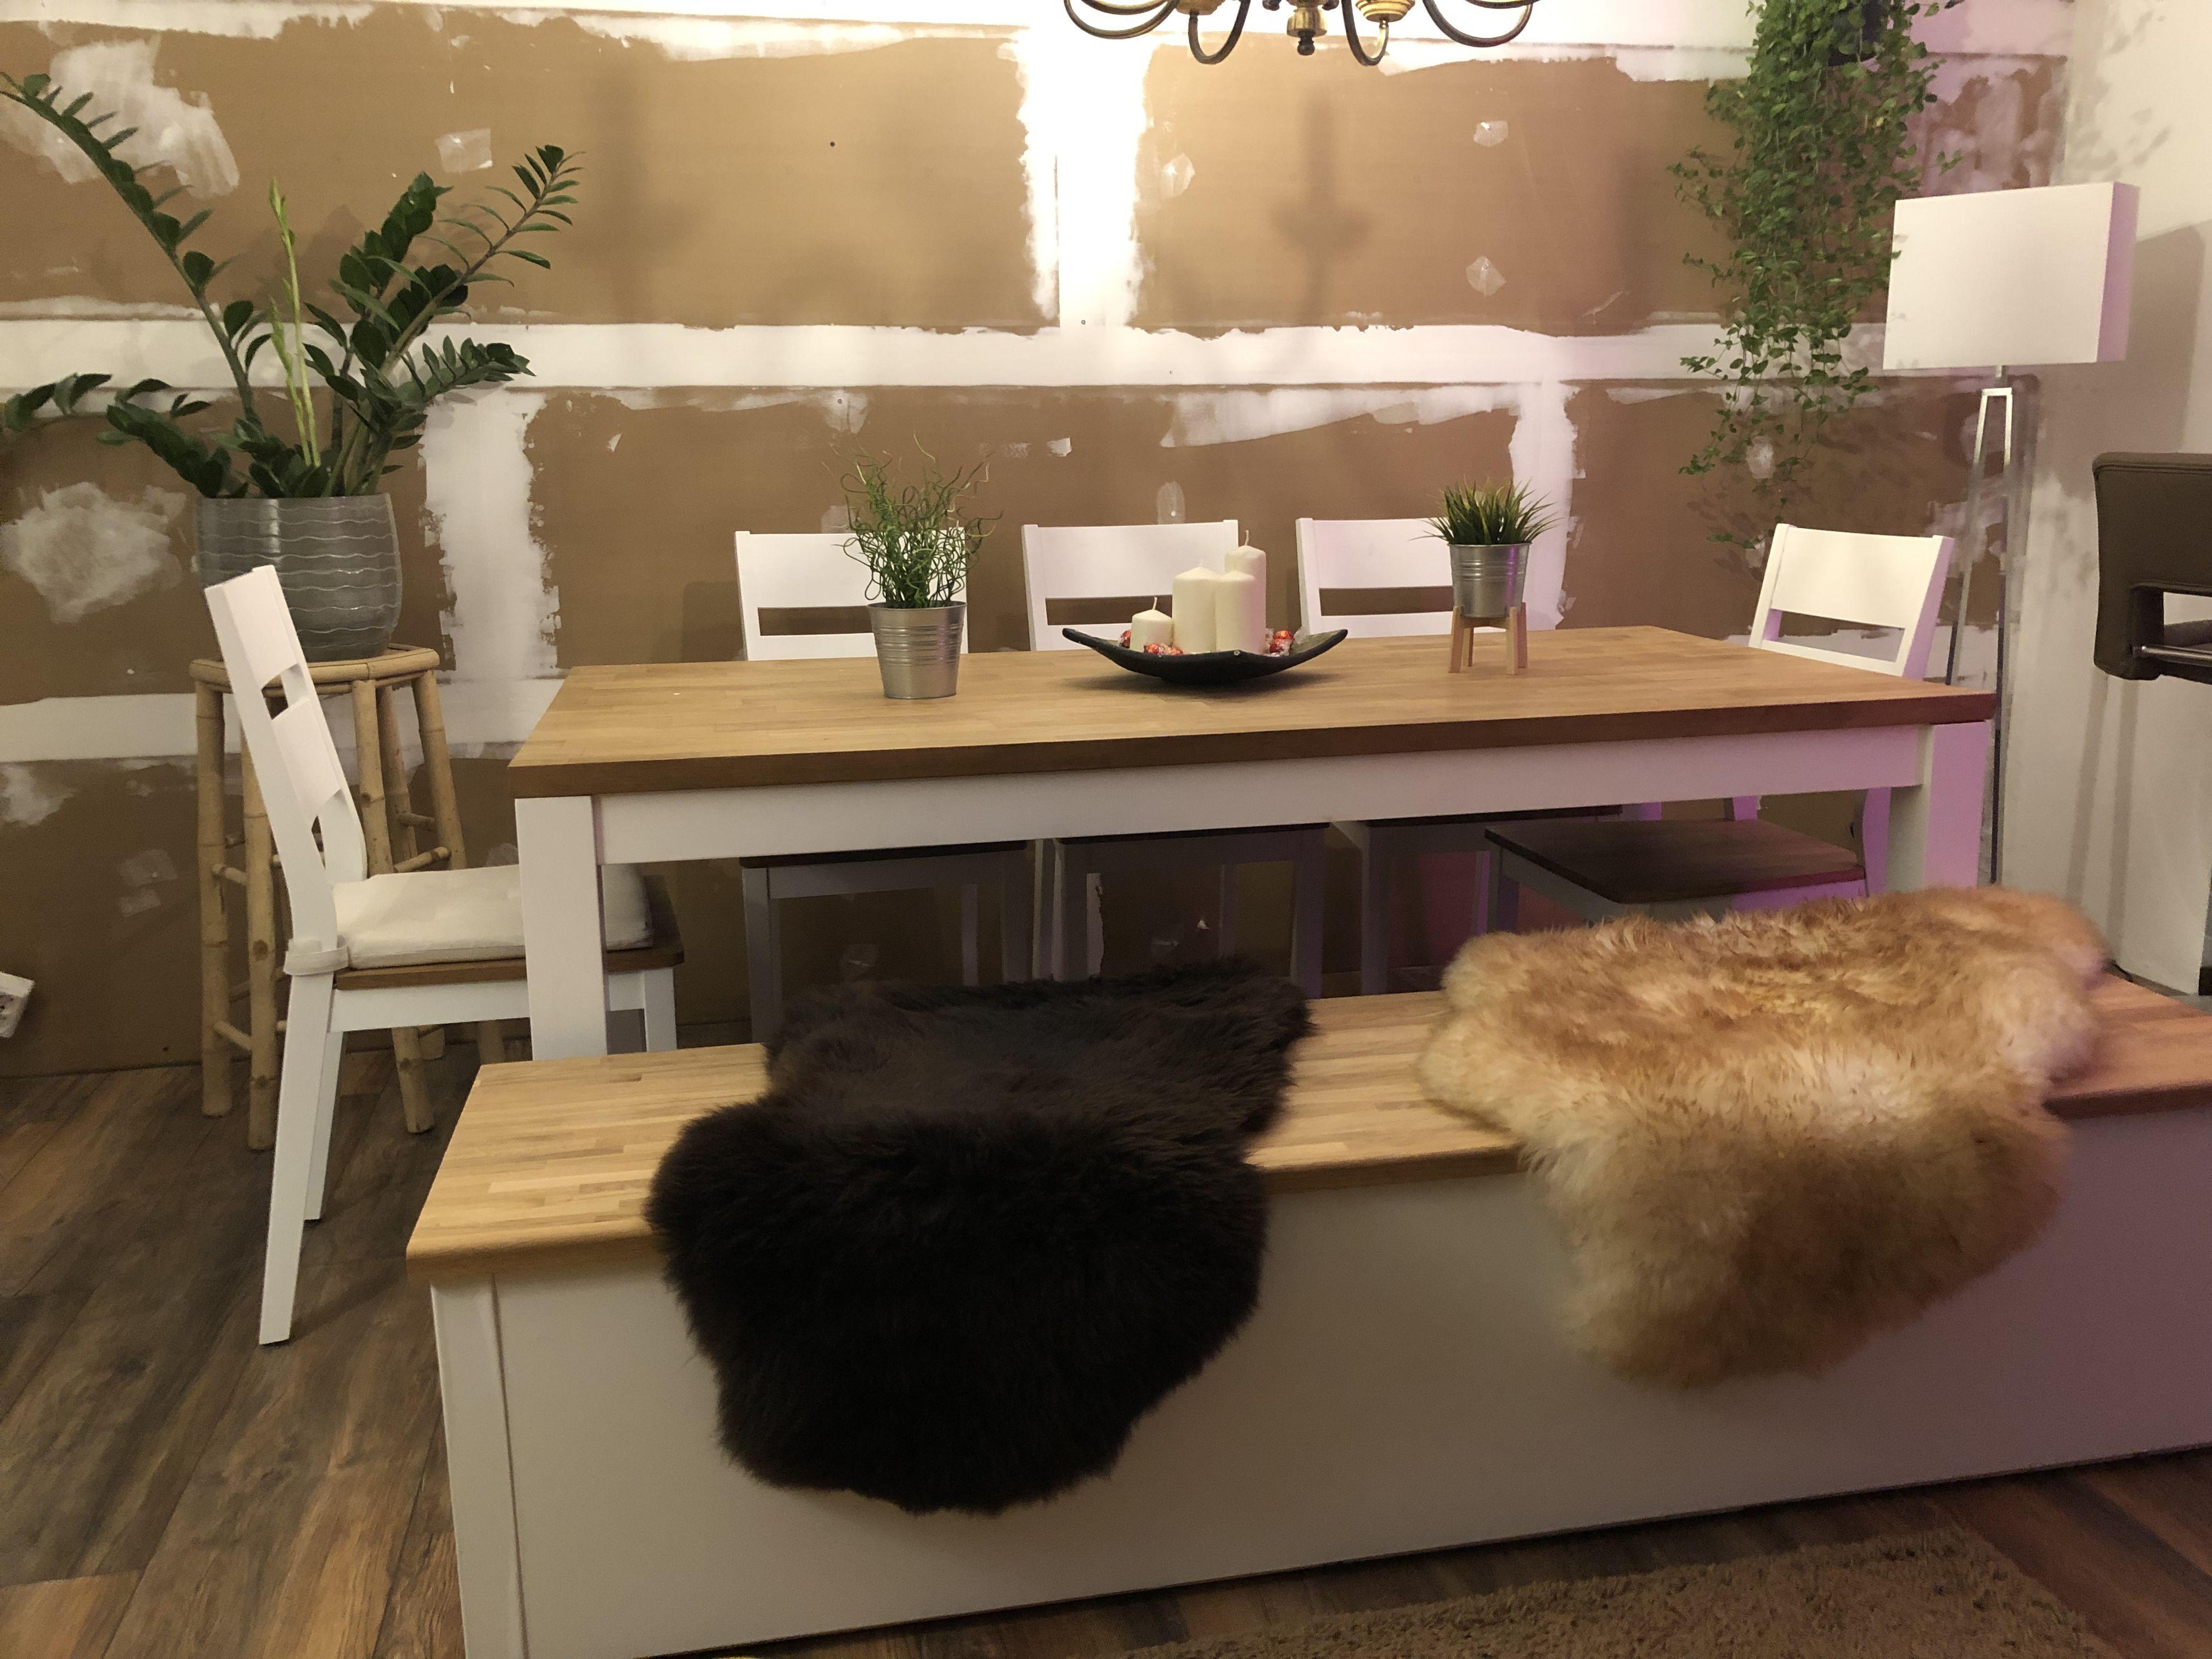 Sitzbank Mit Stauraum Aus Ikea Expedit Und Arbeitsplatte Eiche Sitzbank Mit Stauraum Arbeitsplatte Eiche Arbeitsplatte